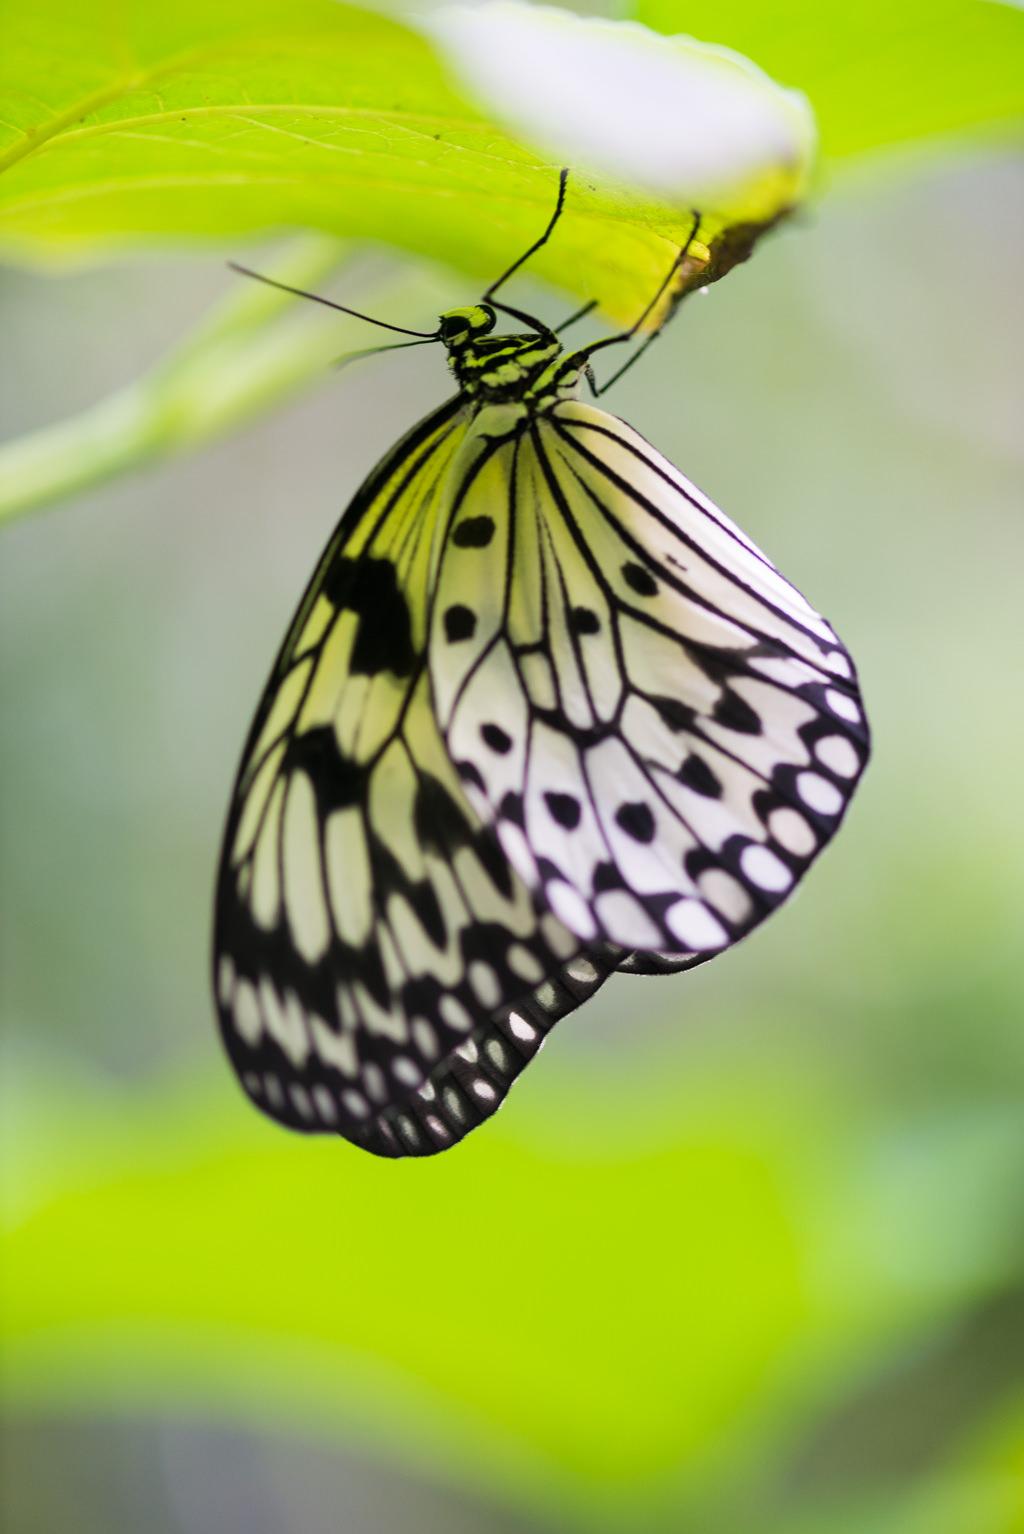 Großartig Wie Man Einen Schmetterling Einfärbt Bilder - Beispiel ...